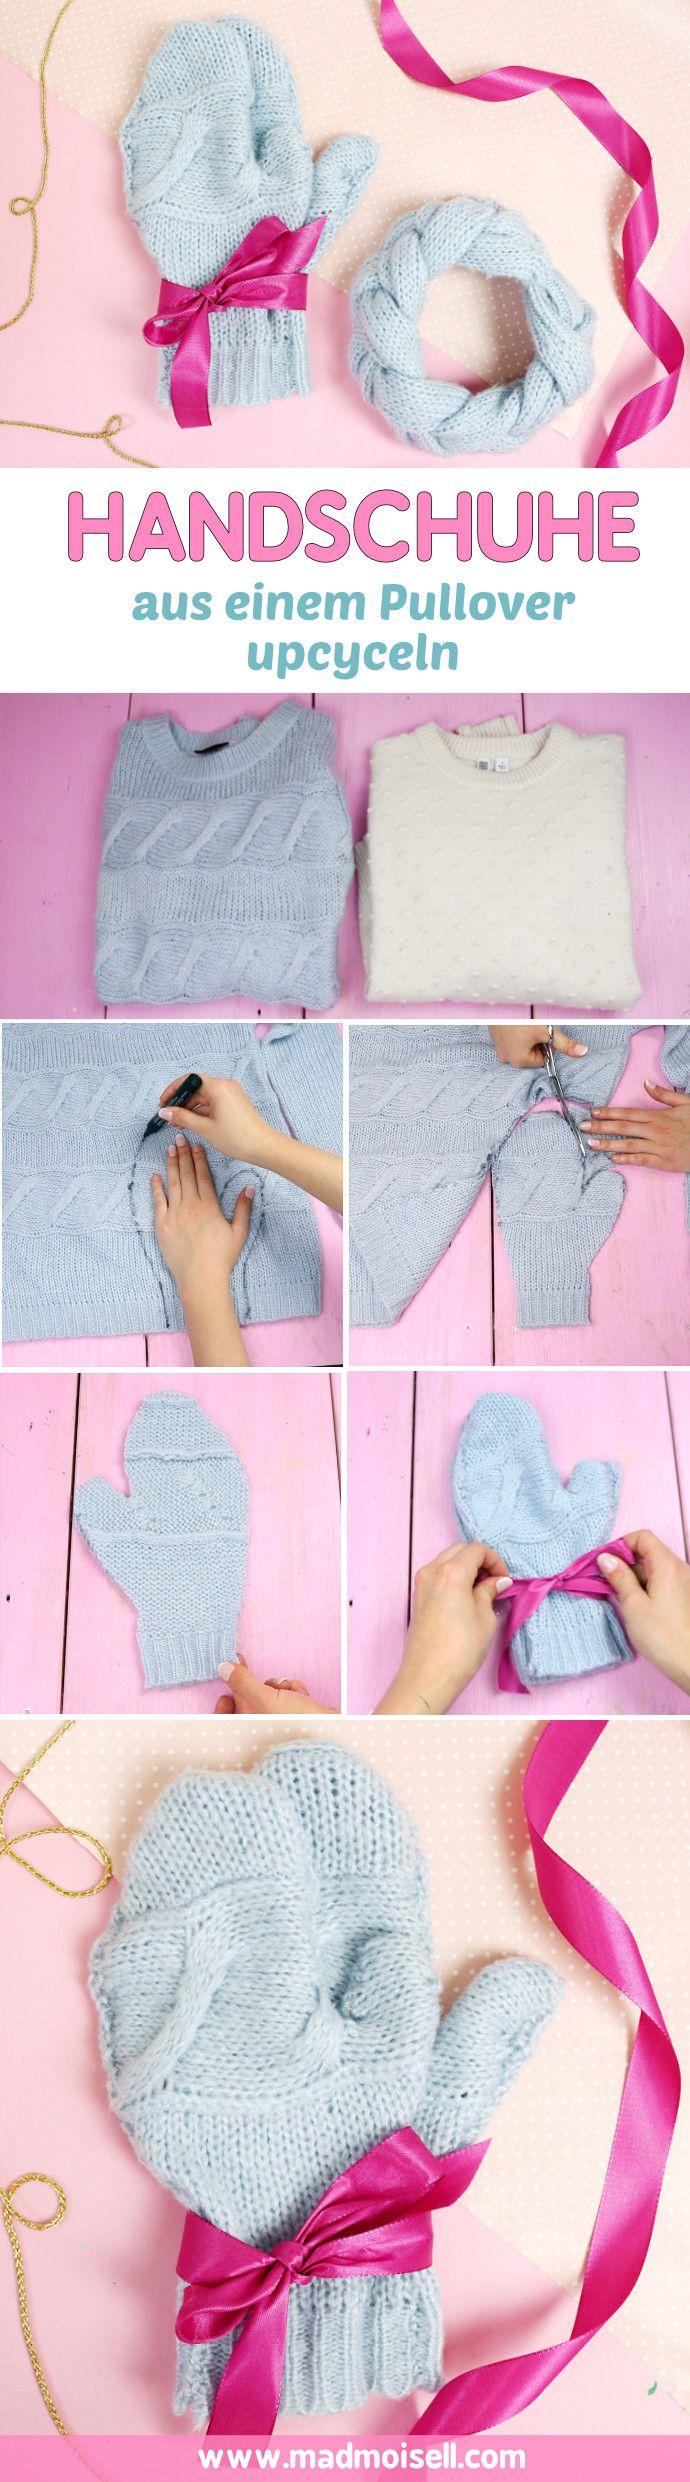 DIY Handschuhe und Stirnband selber machen: Schnelles DIY Weihnachtsgeschenk  Ich zeige euch heute eine super schnelle und einfache DIY Idee für selbstgemachte Handschuhe. Das Geniale an dieser Idee: Die Handschuhe werden aus einem alten Strickpullover upgecycelt, ist das nicht cool? Ich hätte NIE gedacht, dass die Handschuhe nachher auch tragbar sind, aber man kann sie wirklich kaum von gekauften Handschuhen unterscheiden.